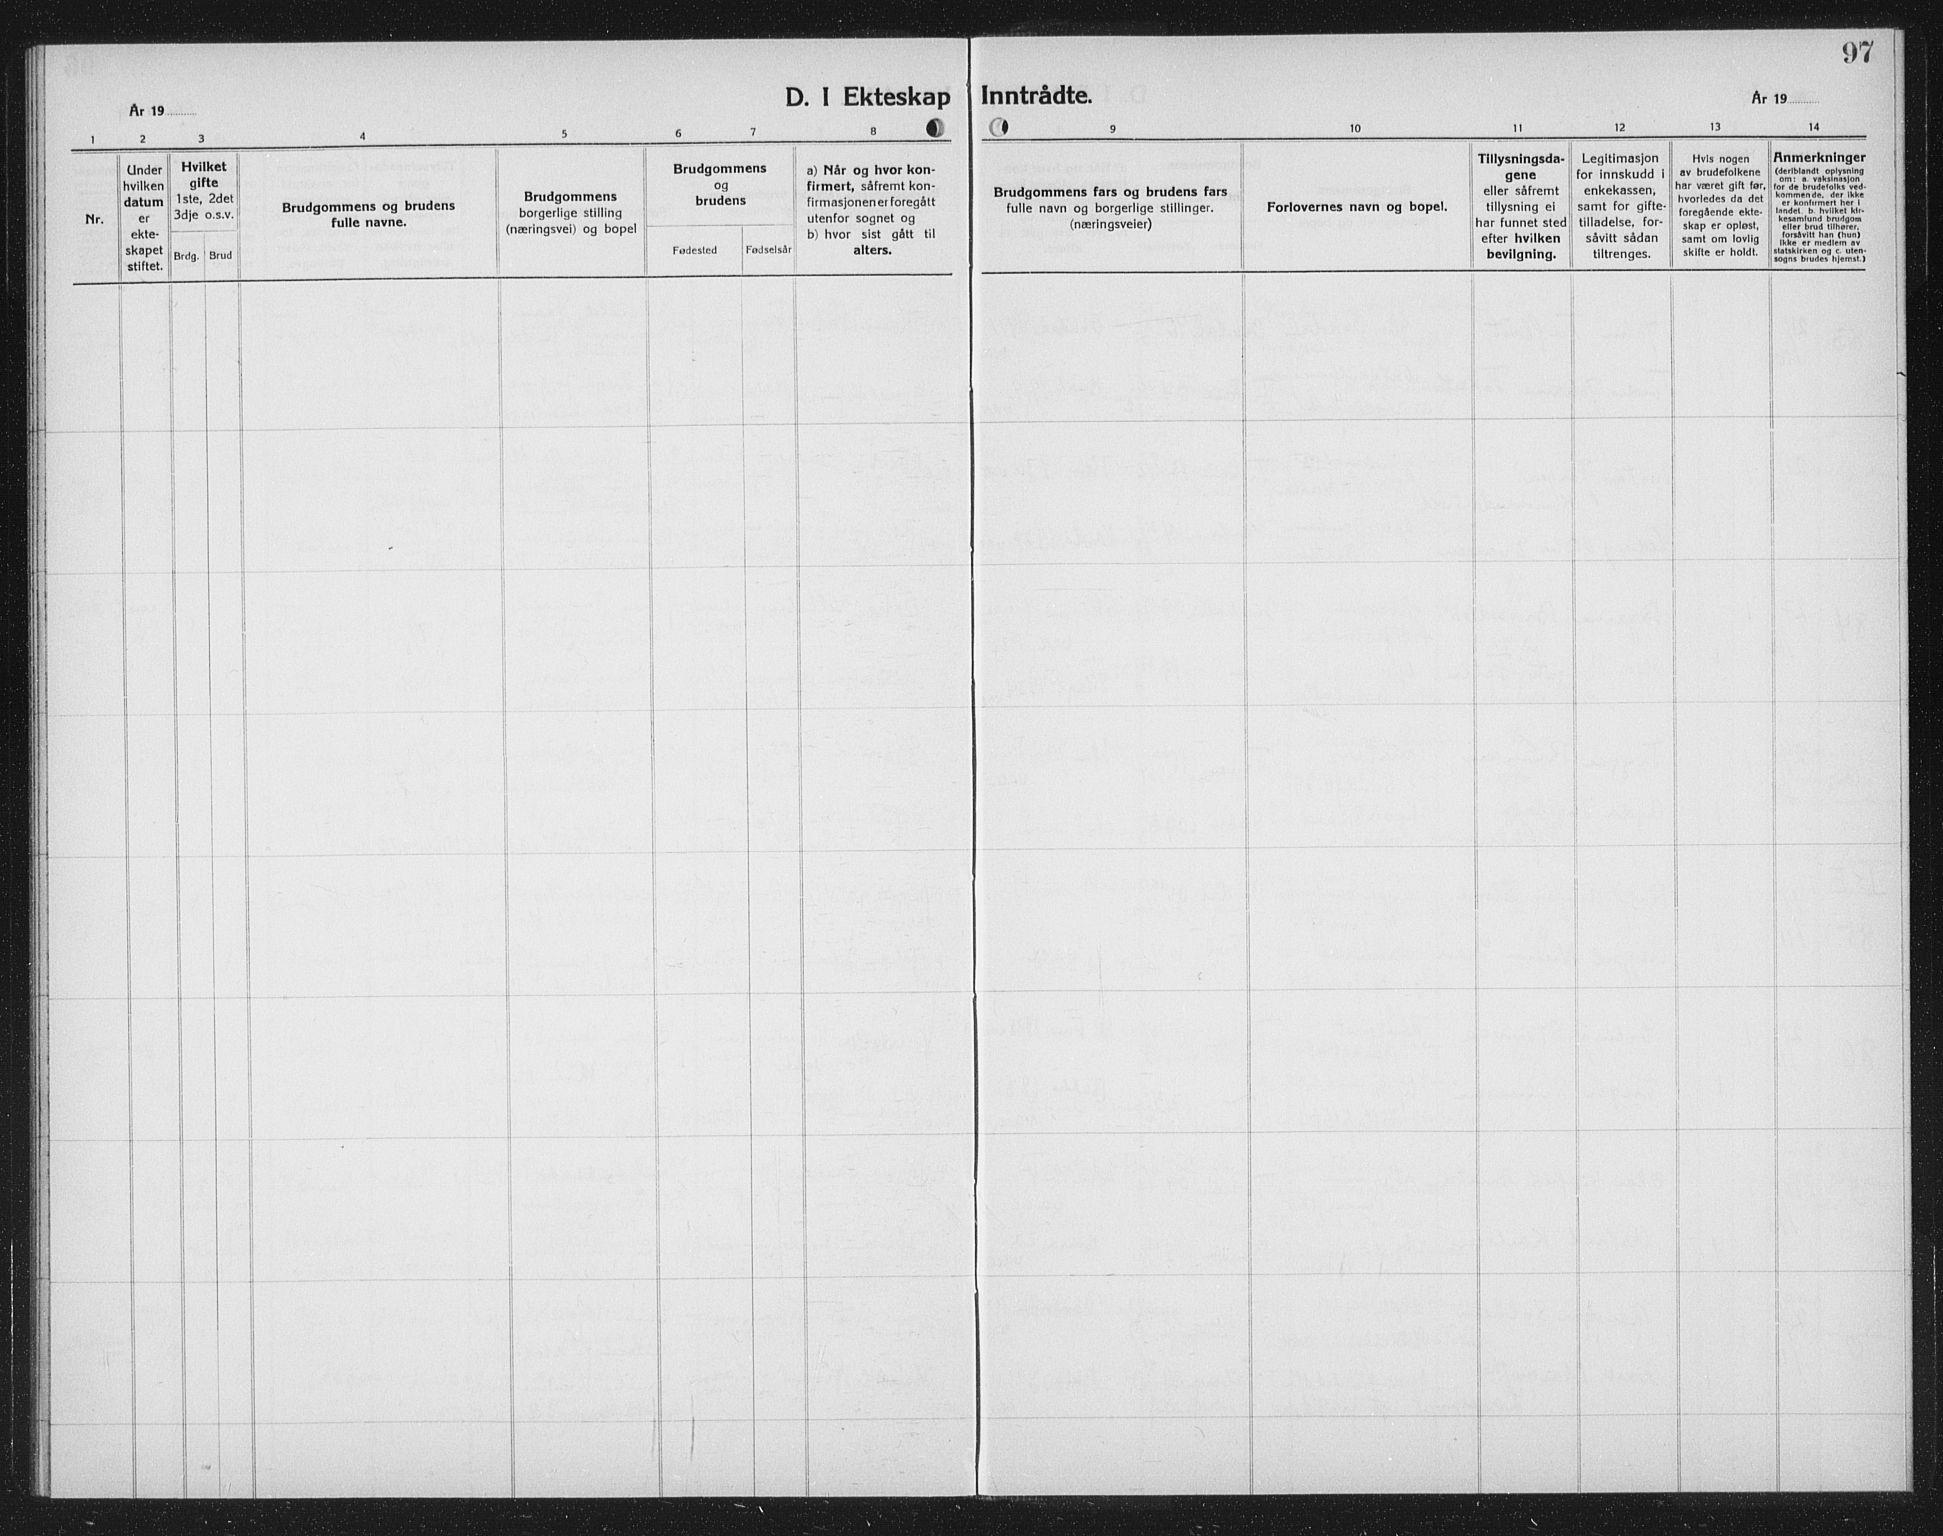 SAT, Ministerialprotokoller, klokkerbøker og fødselsregistre - Sør-Trøndelag, 602/L0152: Klokkerbok nr. 602C20, 1933-1940, s. 97